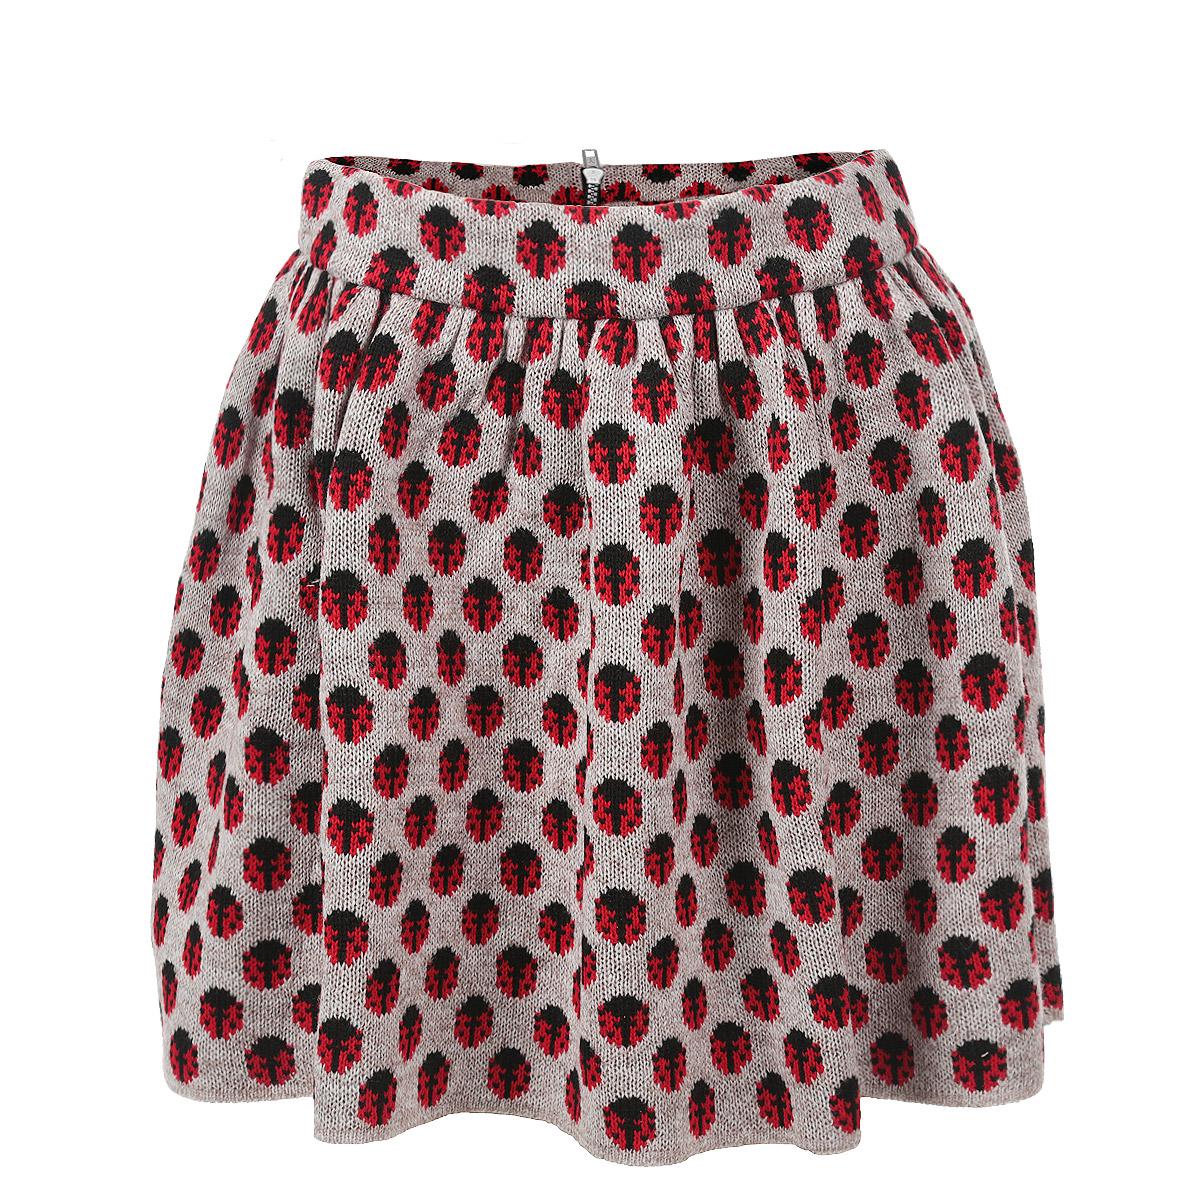 Юбка. 908908Стильная теплая юбка Milana Style изготовлена из мягкой шерстяной пряжи. Юбка расклешенного кроя на широком поясе сзади застегивается на пластиковую молнию. Изюминка данной модели - оригинальный принт в виде божьих коровок, он будет привлекать внимание и восторженные взгляды окружающих. Эта модная и в тоже время комфортная юбка - отличный вариант на каждый день.